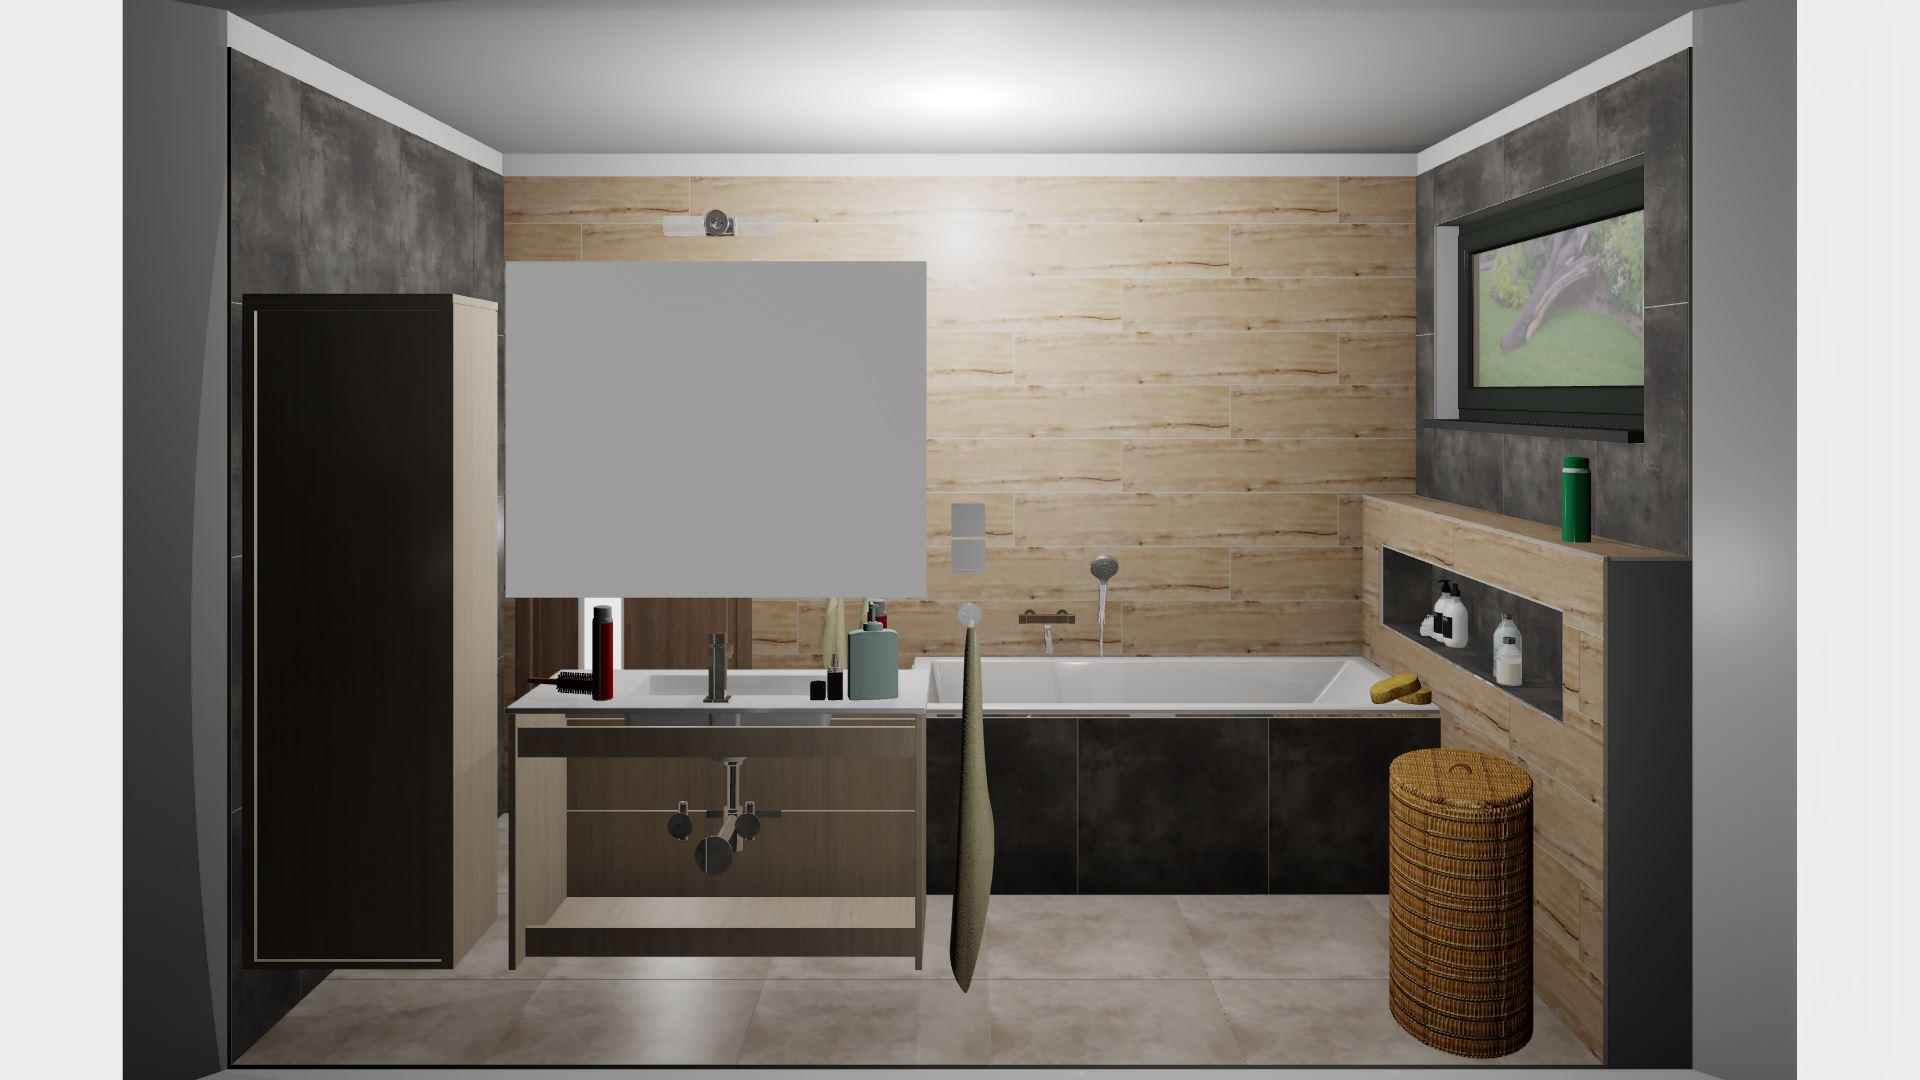 Rodičovská koupelna - Obrázek č. 2